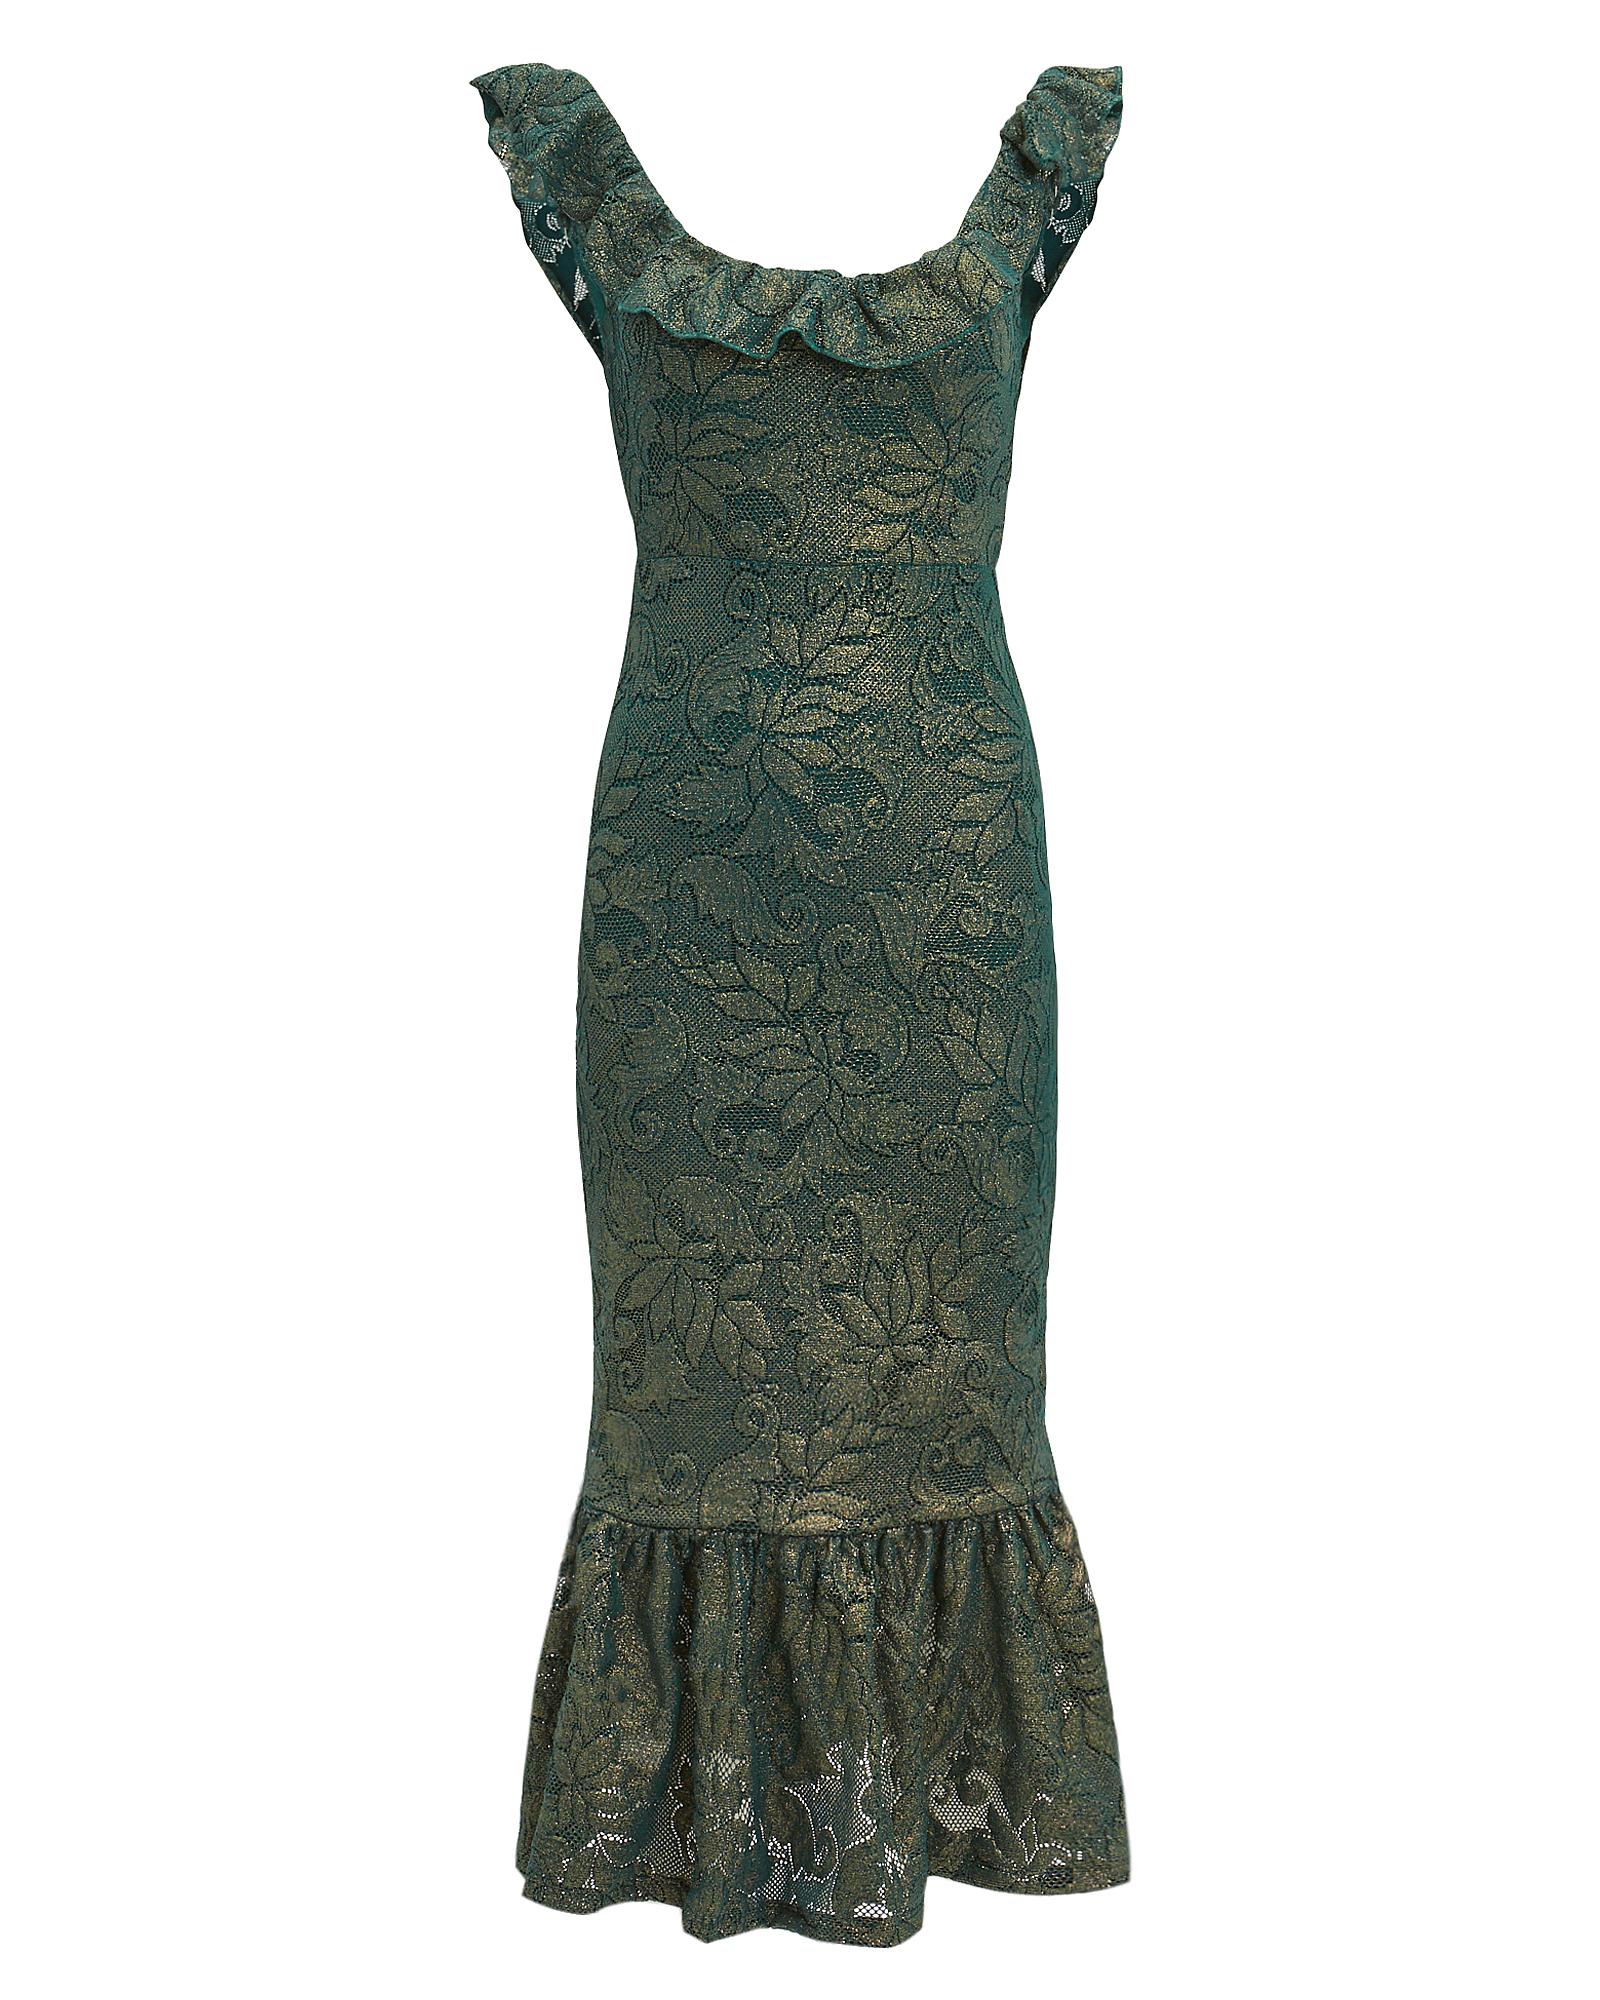 NIGHTCAP CLOTHING Metallic Scoop-Neck Flounce-Hem Dress in Emerald